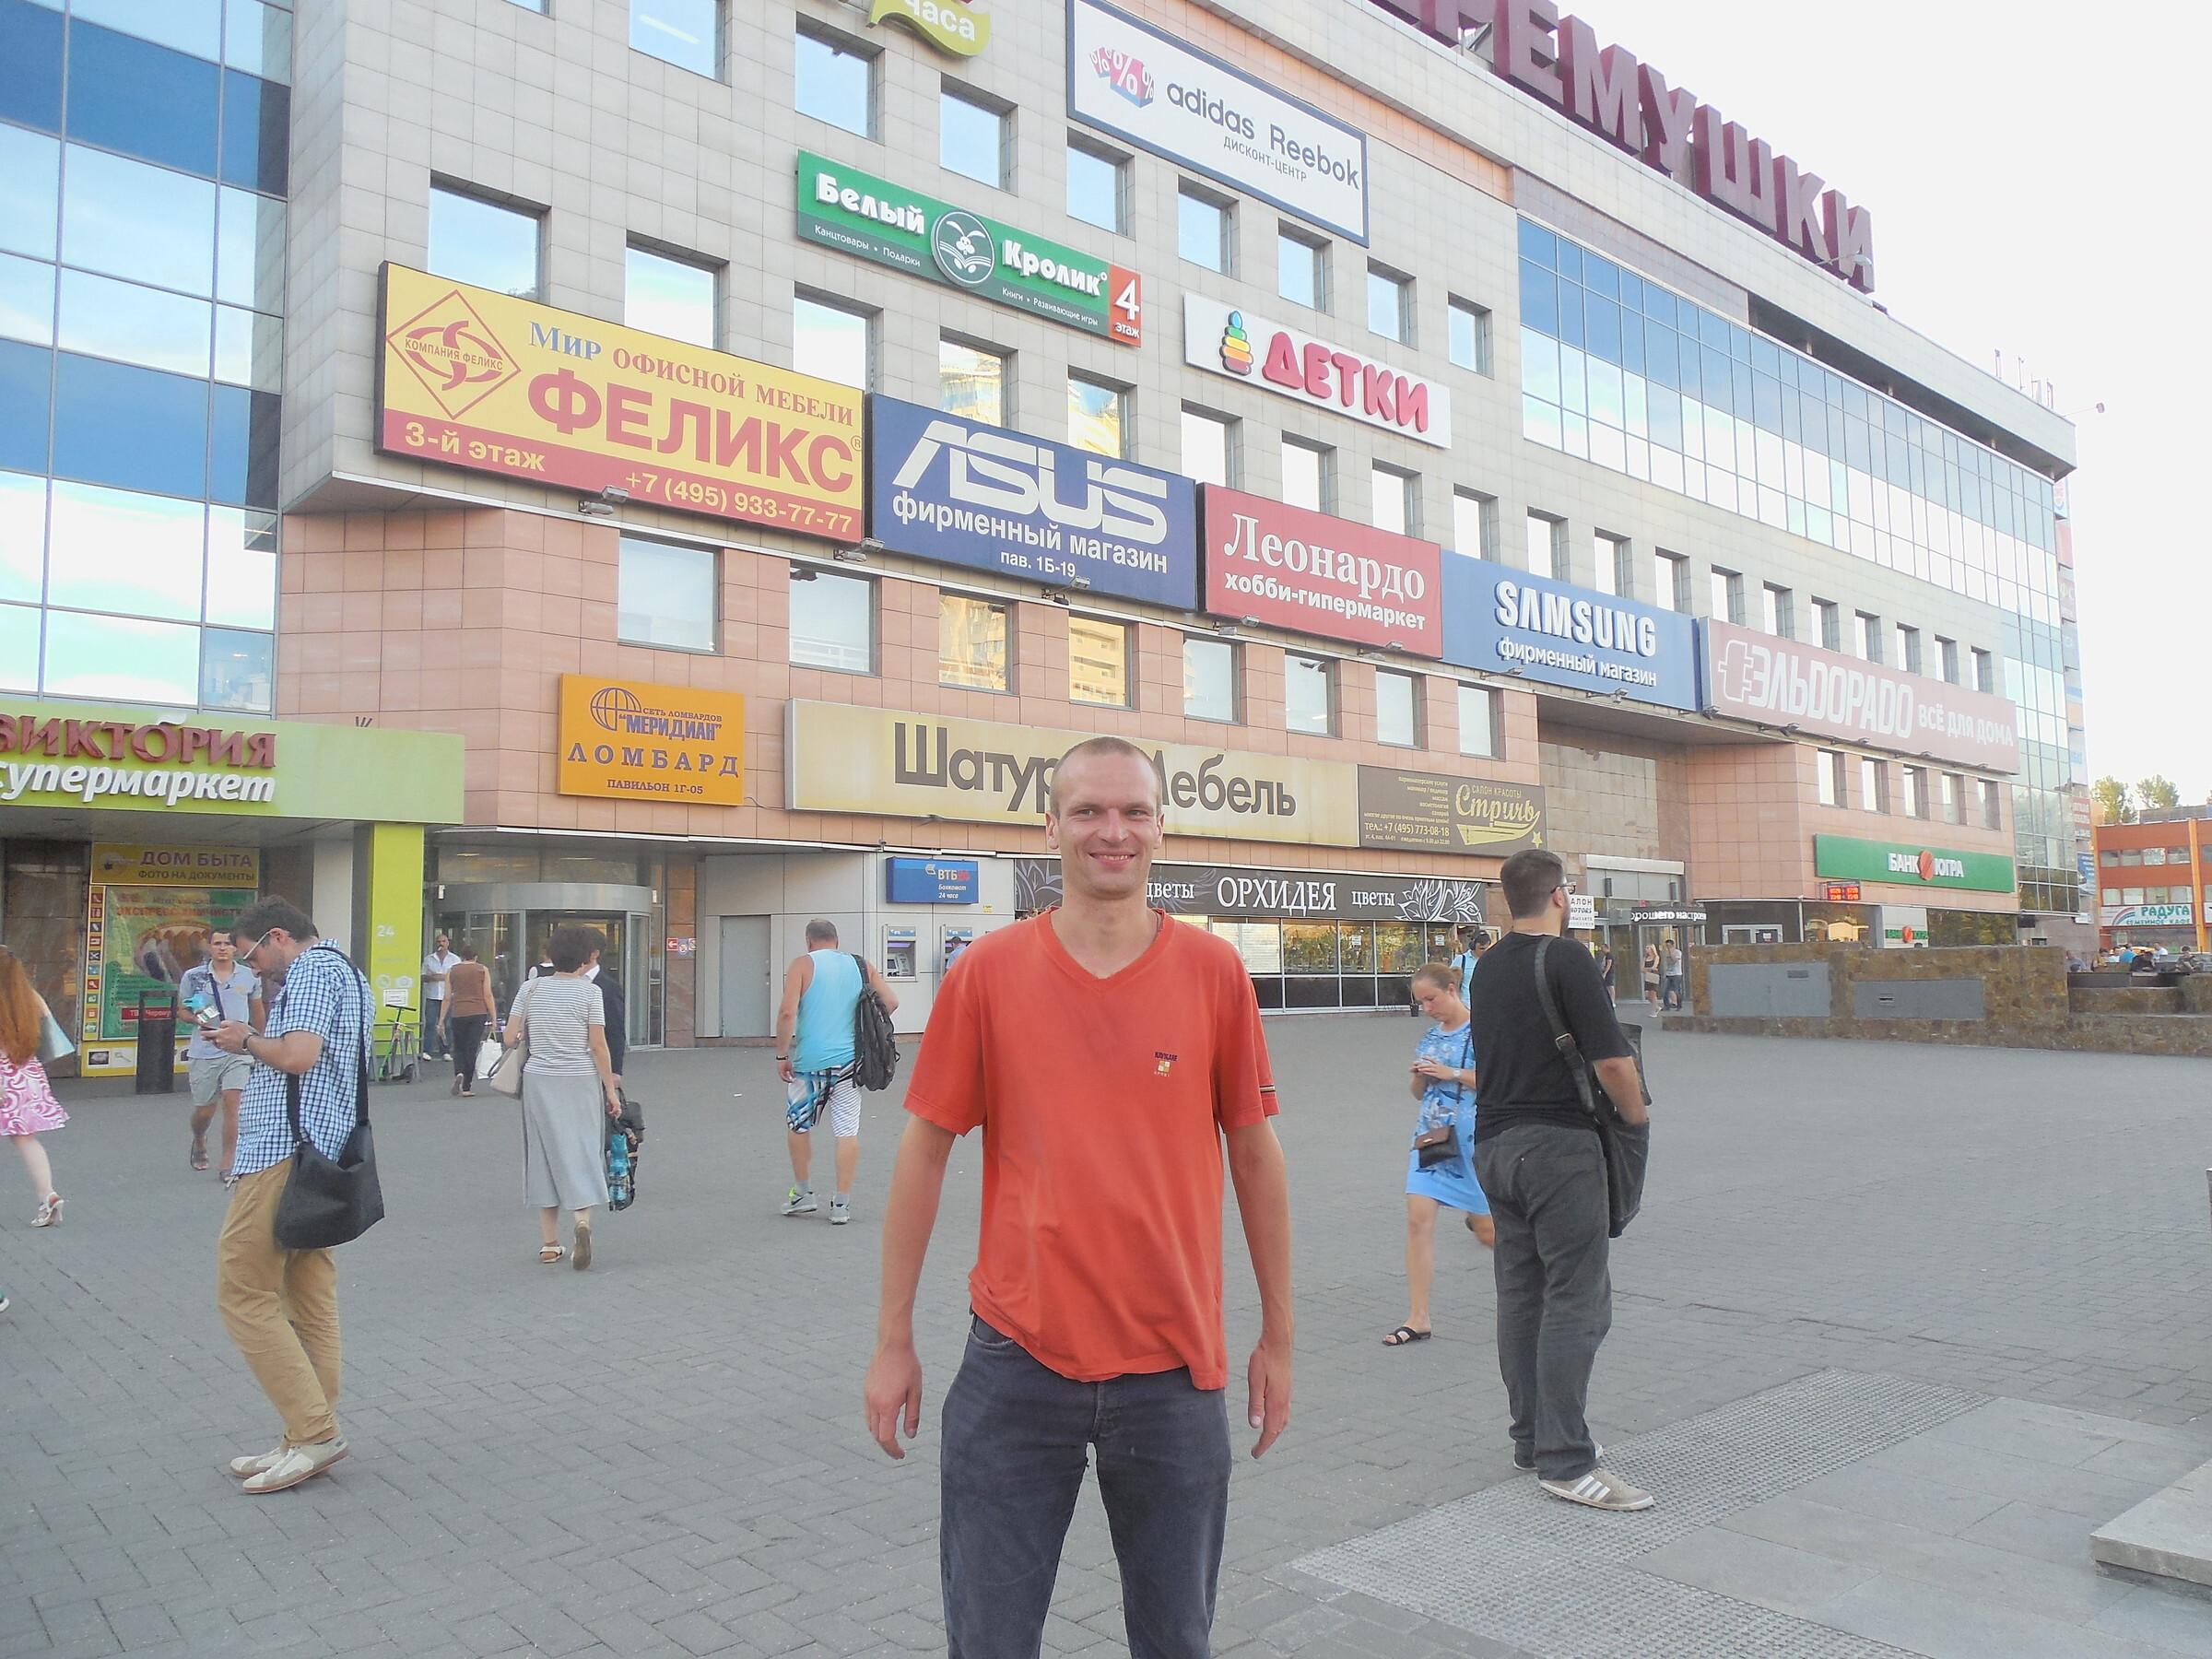 29ab087a Изображение Торговый центр «Черёмушки» из фотоальбома «Москва ...